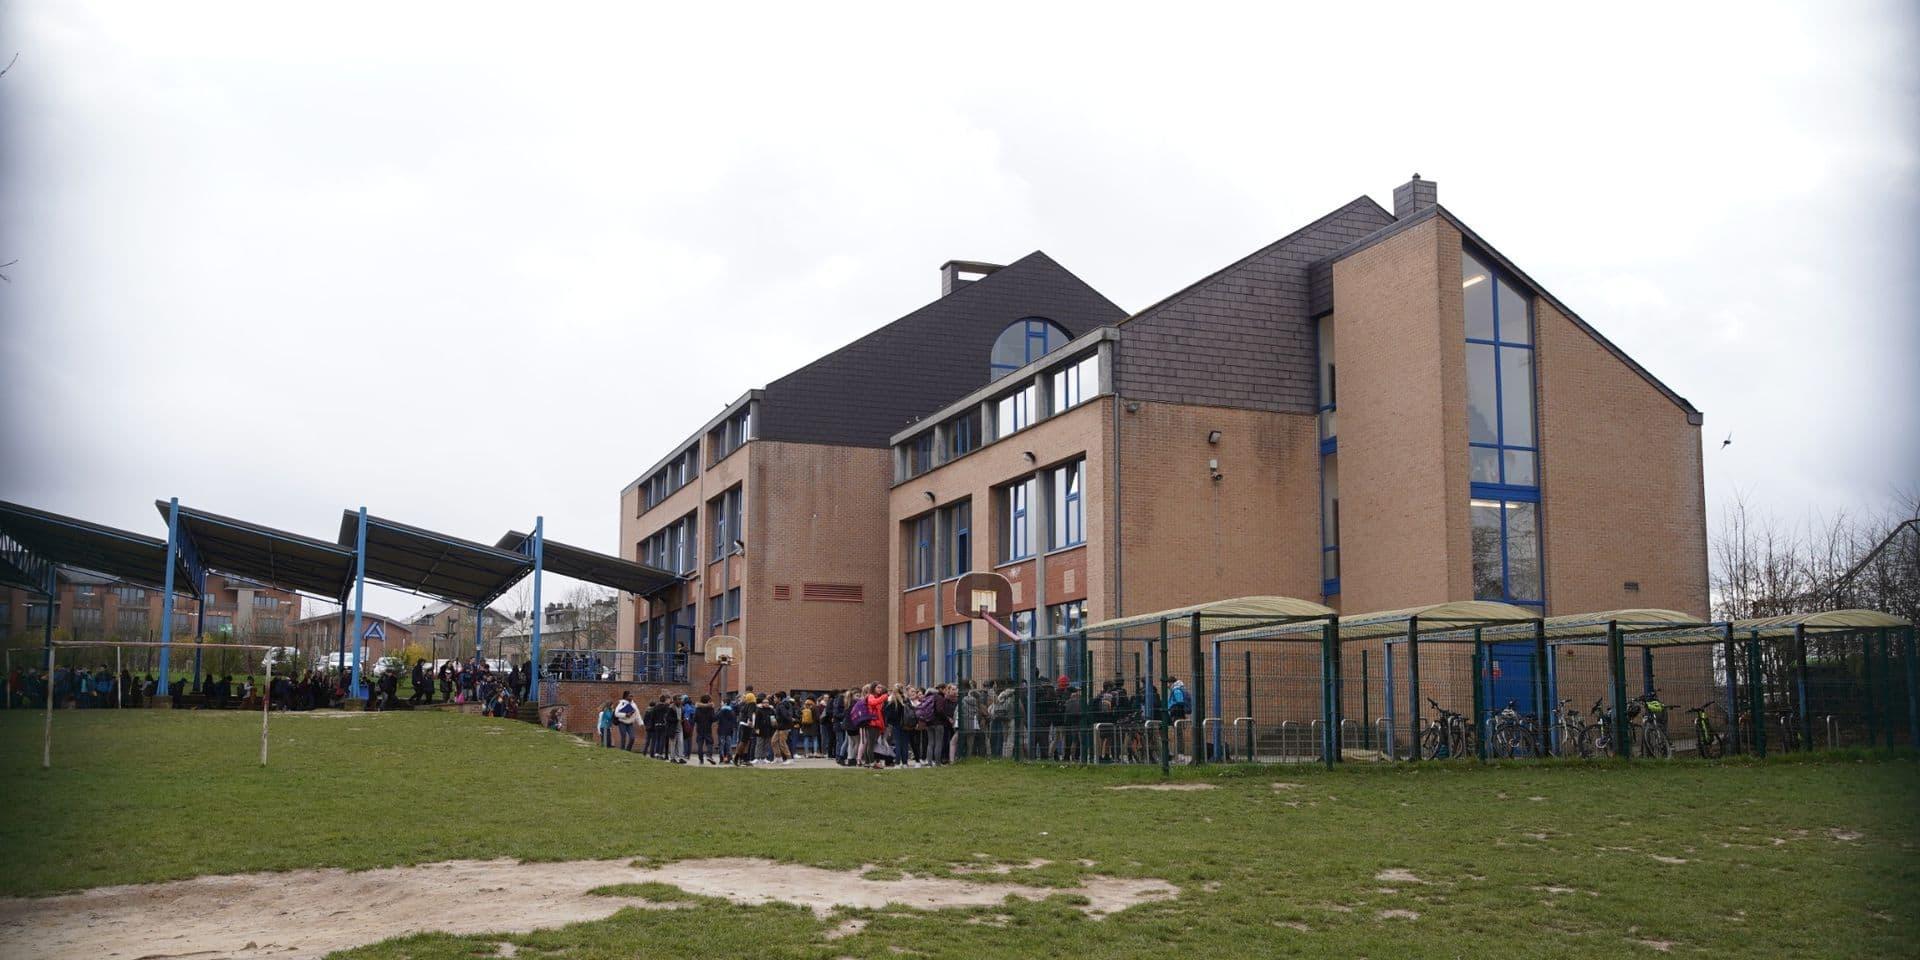 Une vingtaine de sportifs amateurs verbalisés pour avoir joué au football à Louvain-la-Neuve